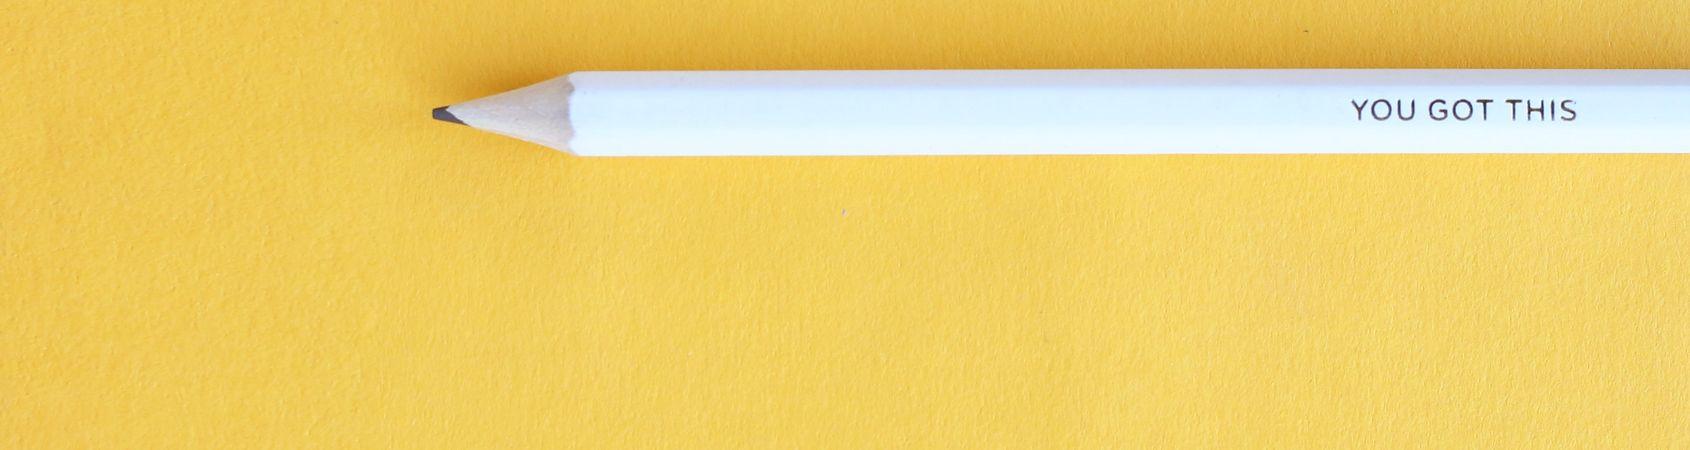 """<p><span style=""""color: #808080;"""">Dettaglio del sito web realizzato</span></p>"""